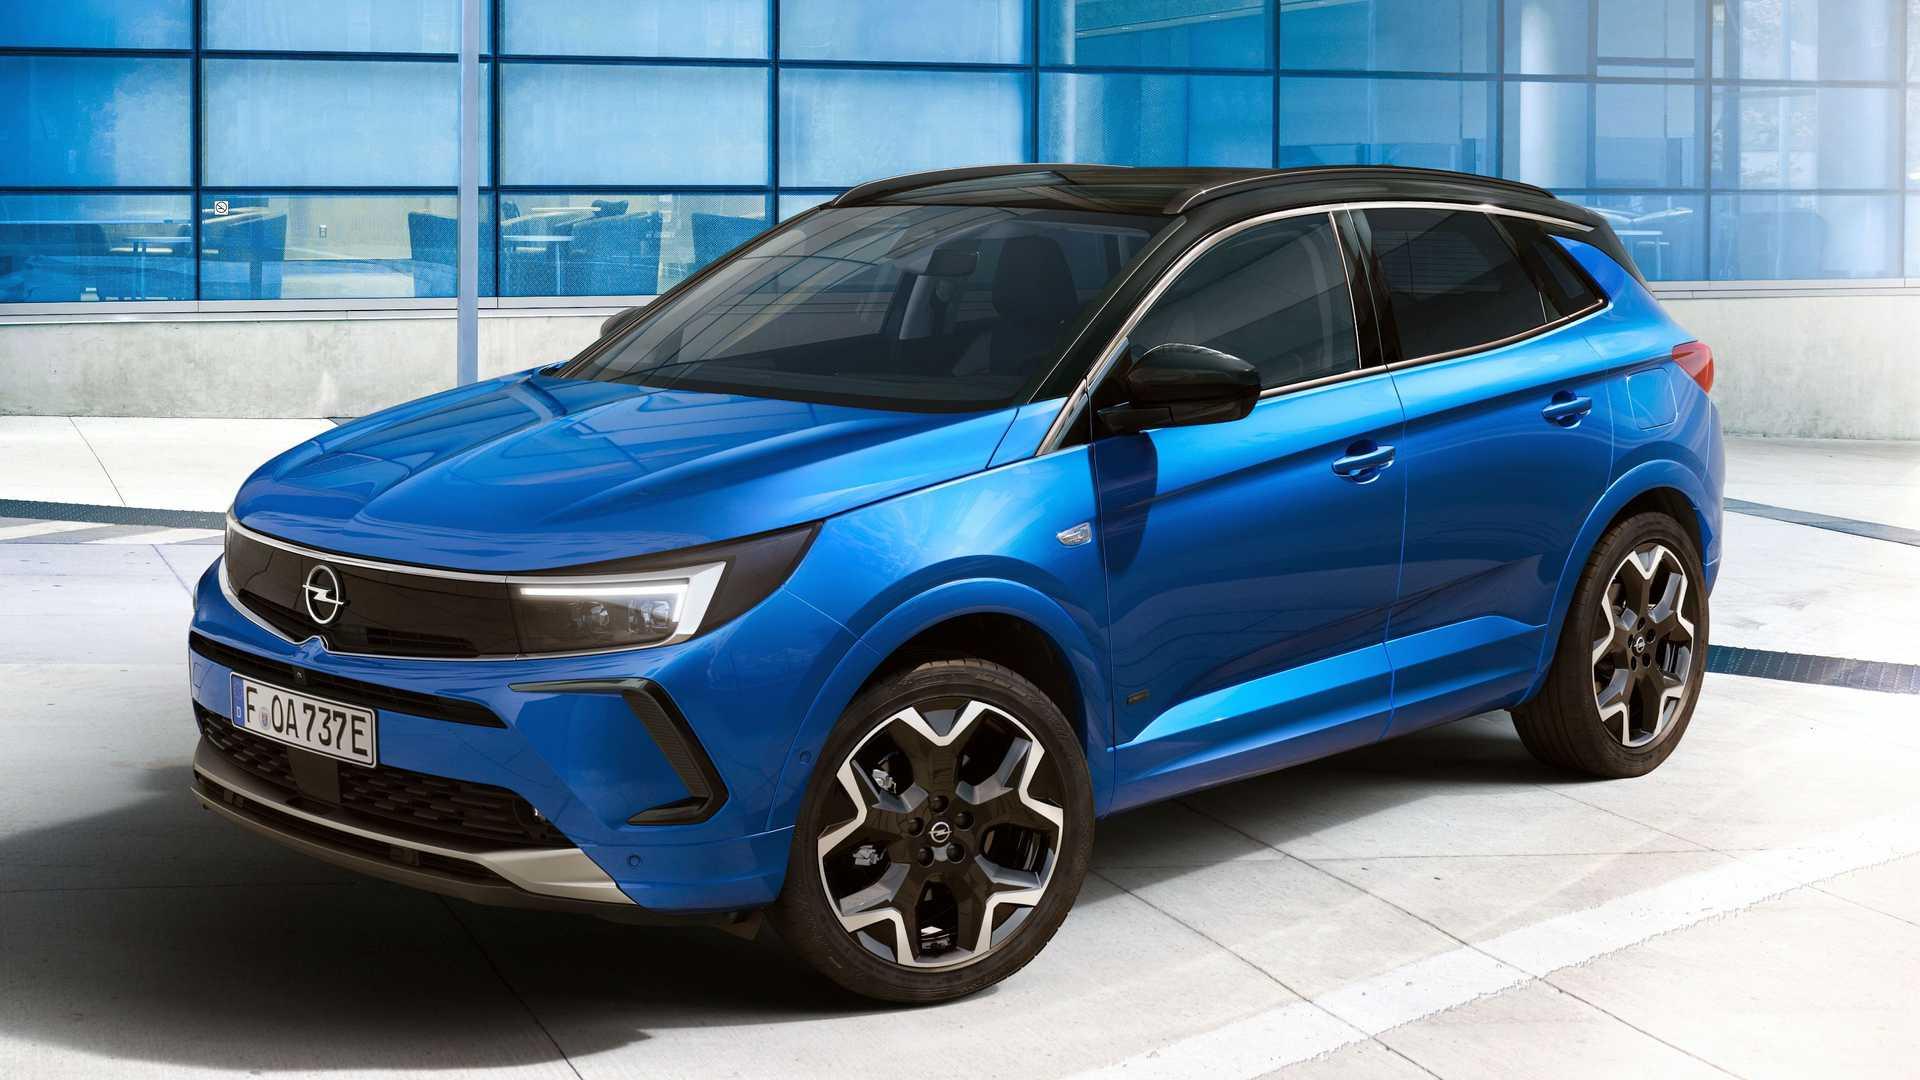 Makyajlı 2021 Opel Grandland ortaya çıktı: İşte tasarımı ve özellikleri